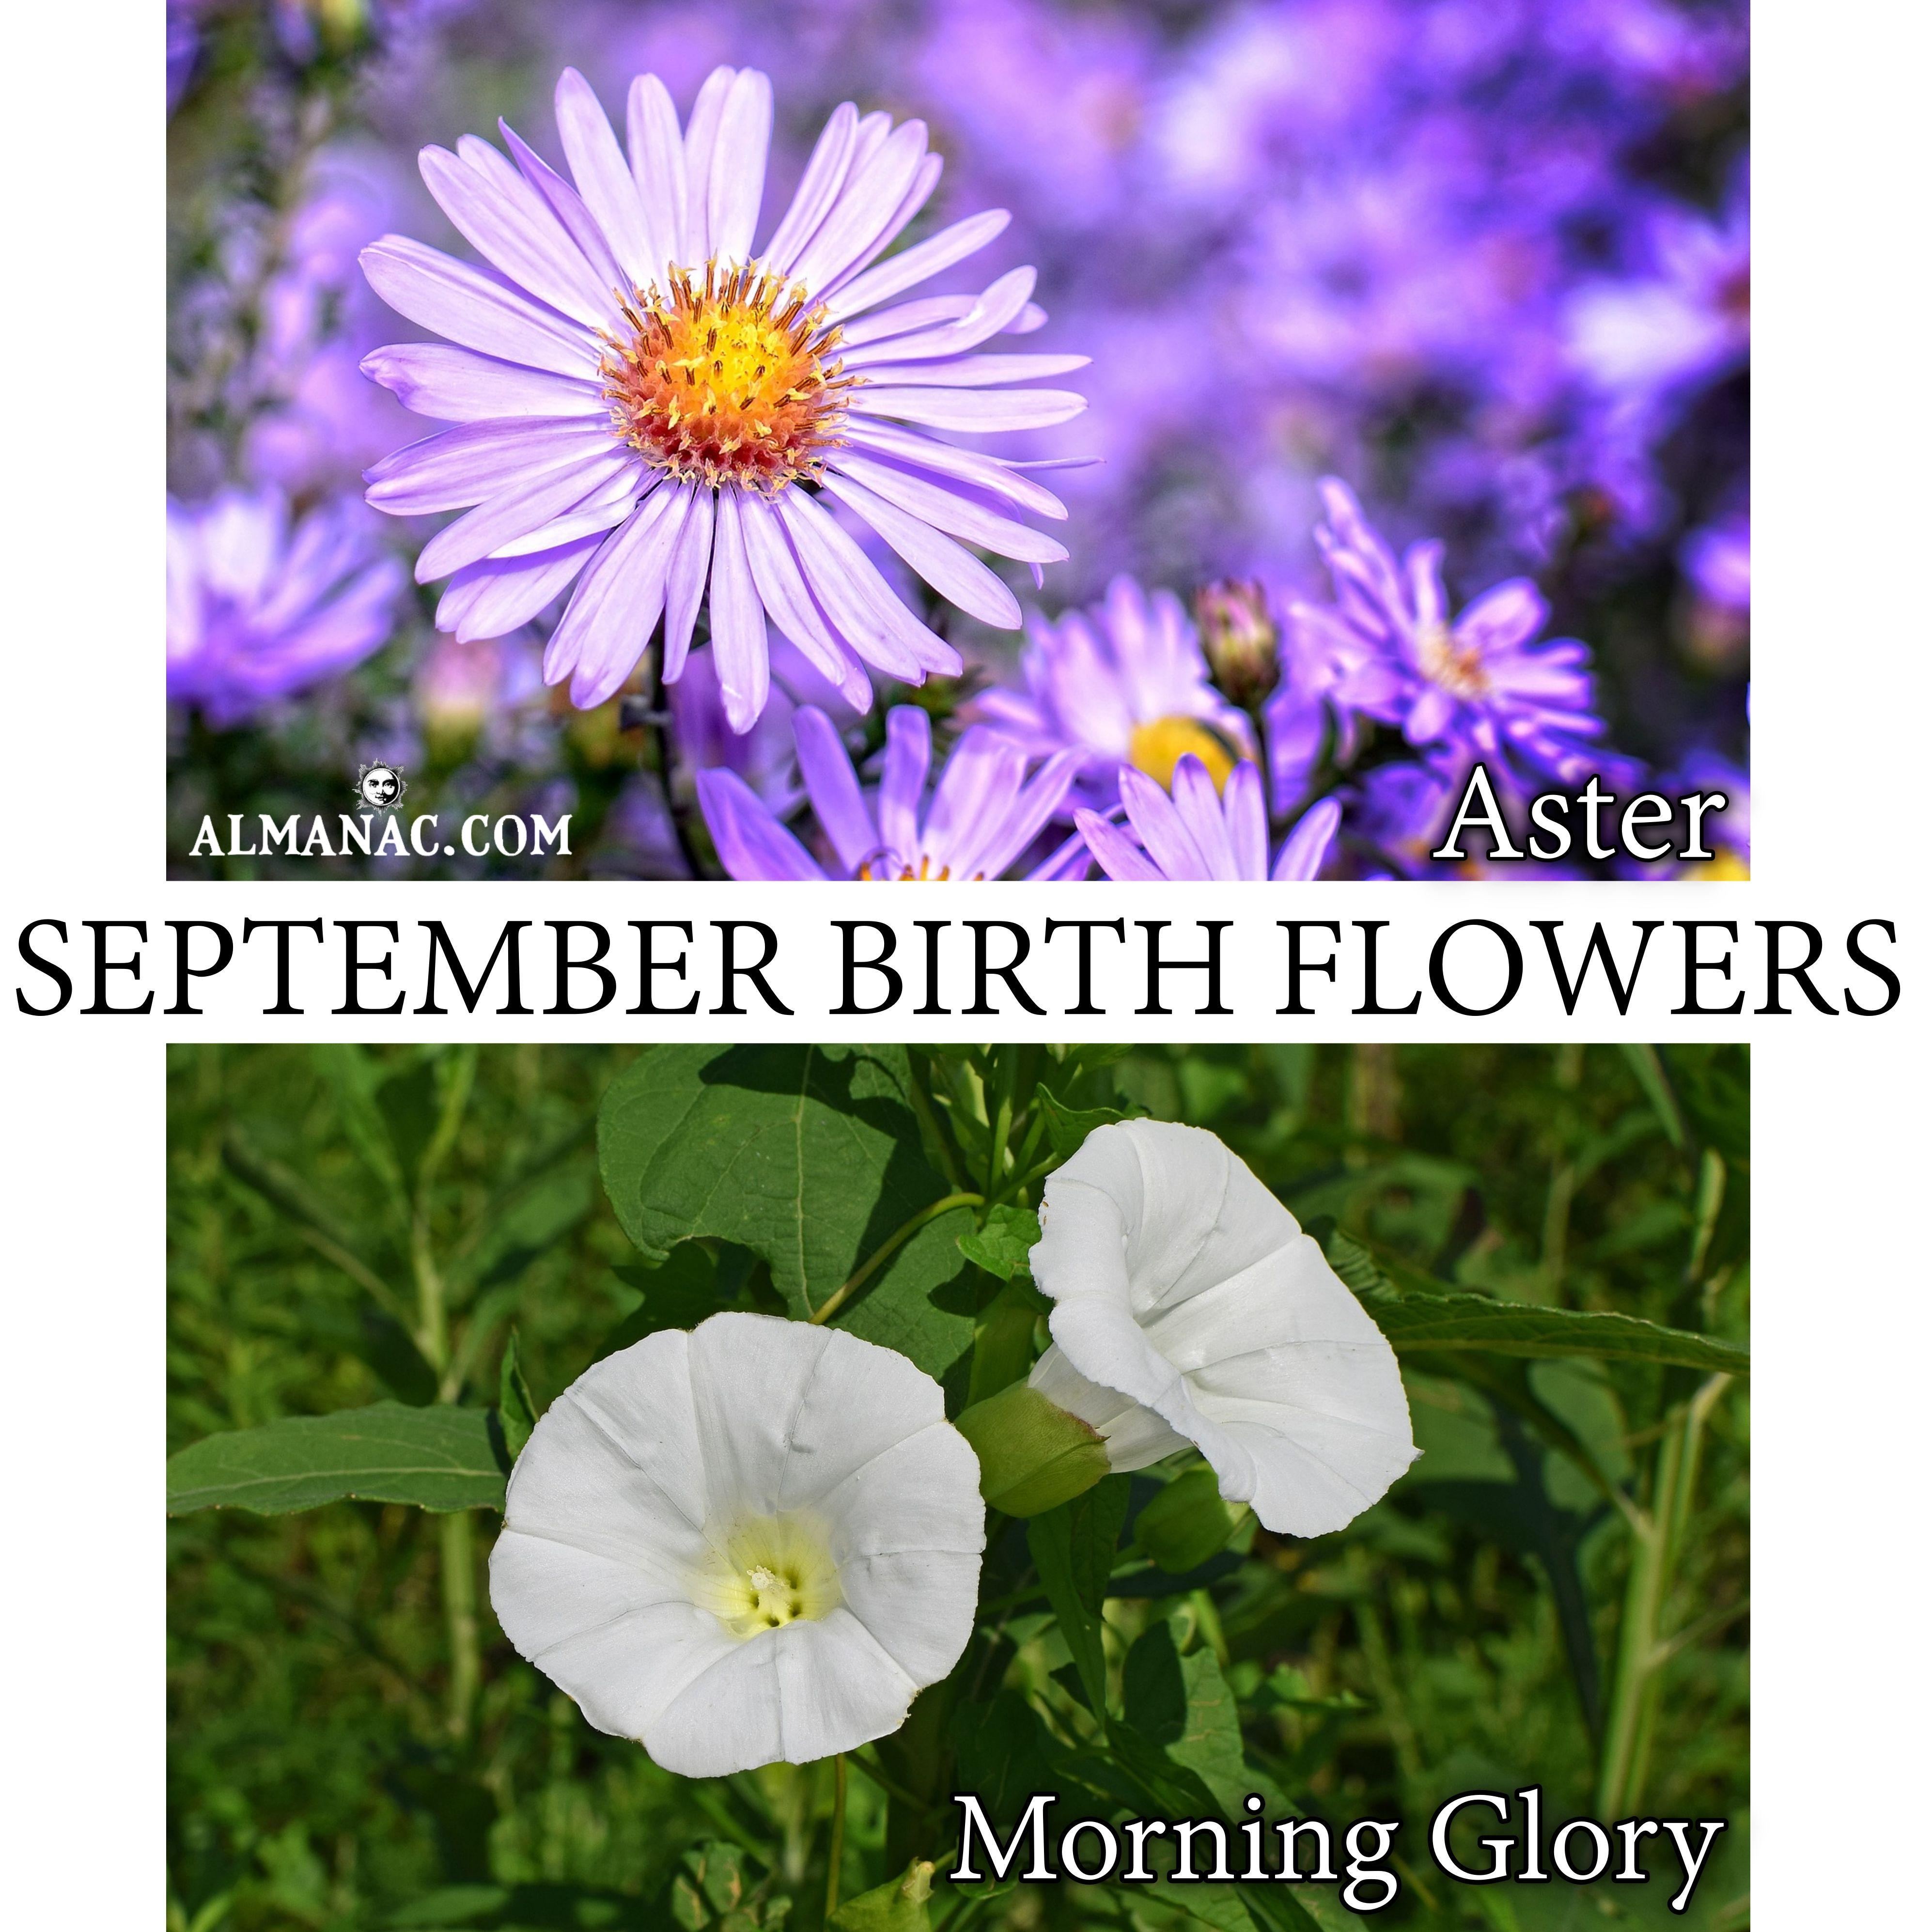 September Birth Flowers Birth flowers, September birth